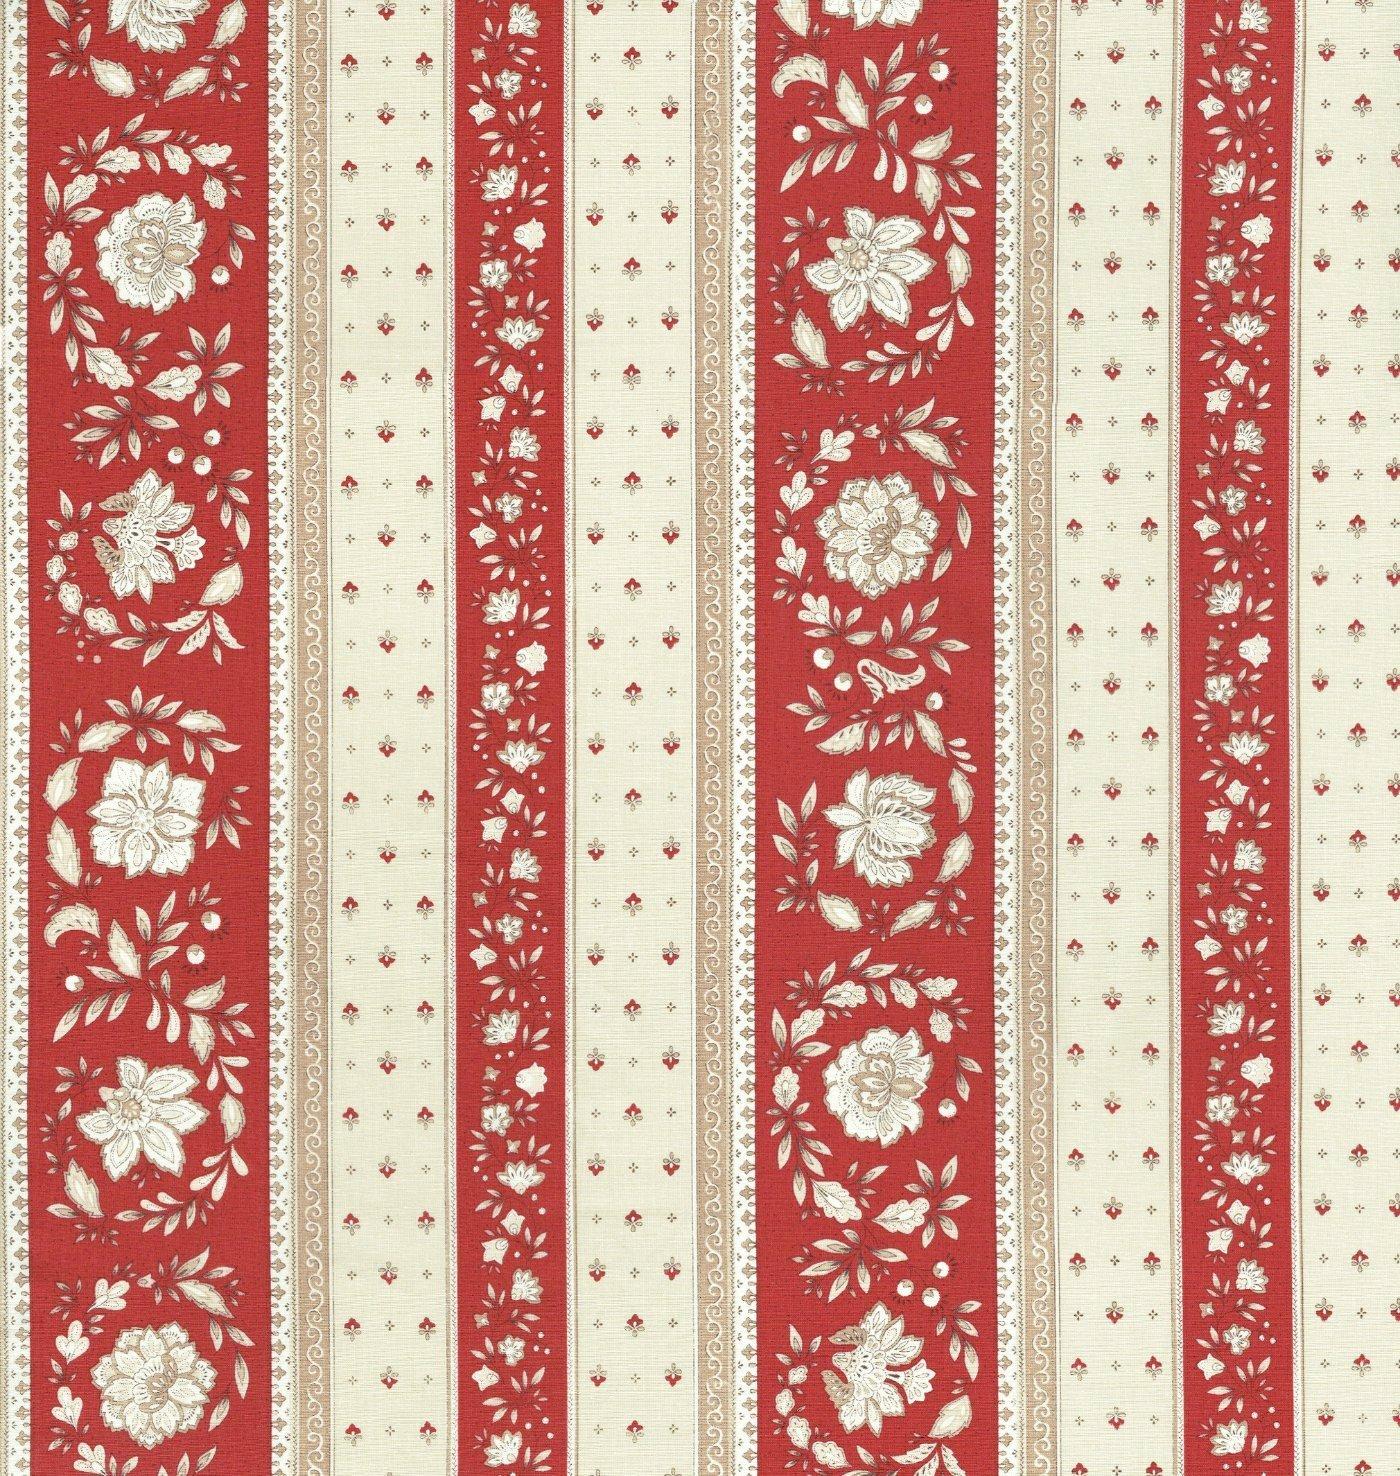 Tela de algodón estampada - Tela provenzal - rayas florales | Rojo renacentista & crema de caramelo | 100% algodón suave | ancho: 160 cm (por metro ...